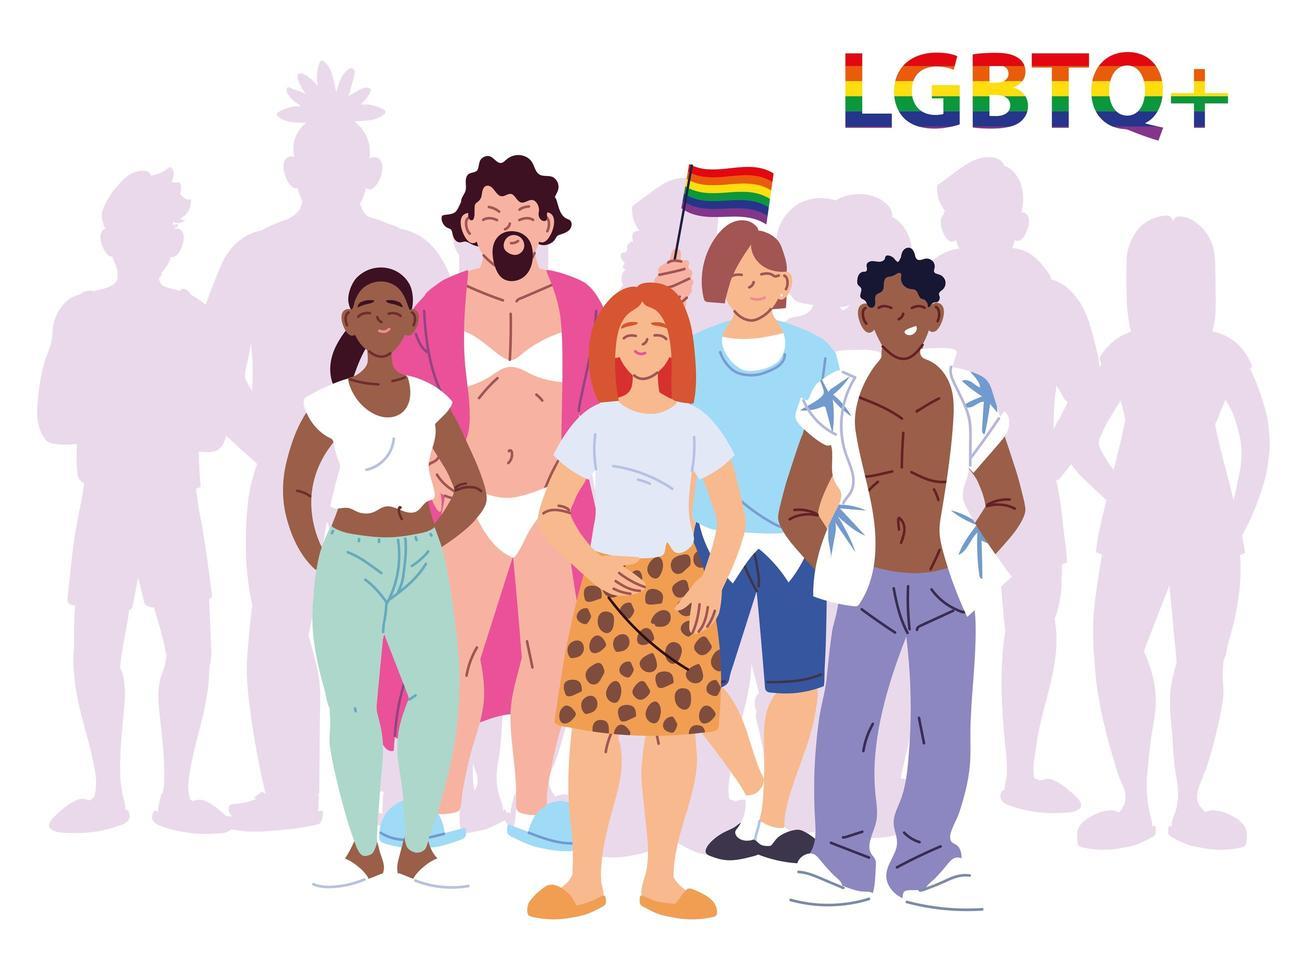 Gruppe von Menschen mit lgbtq Homosexuell Stolz Symbol vektor